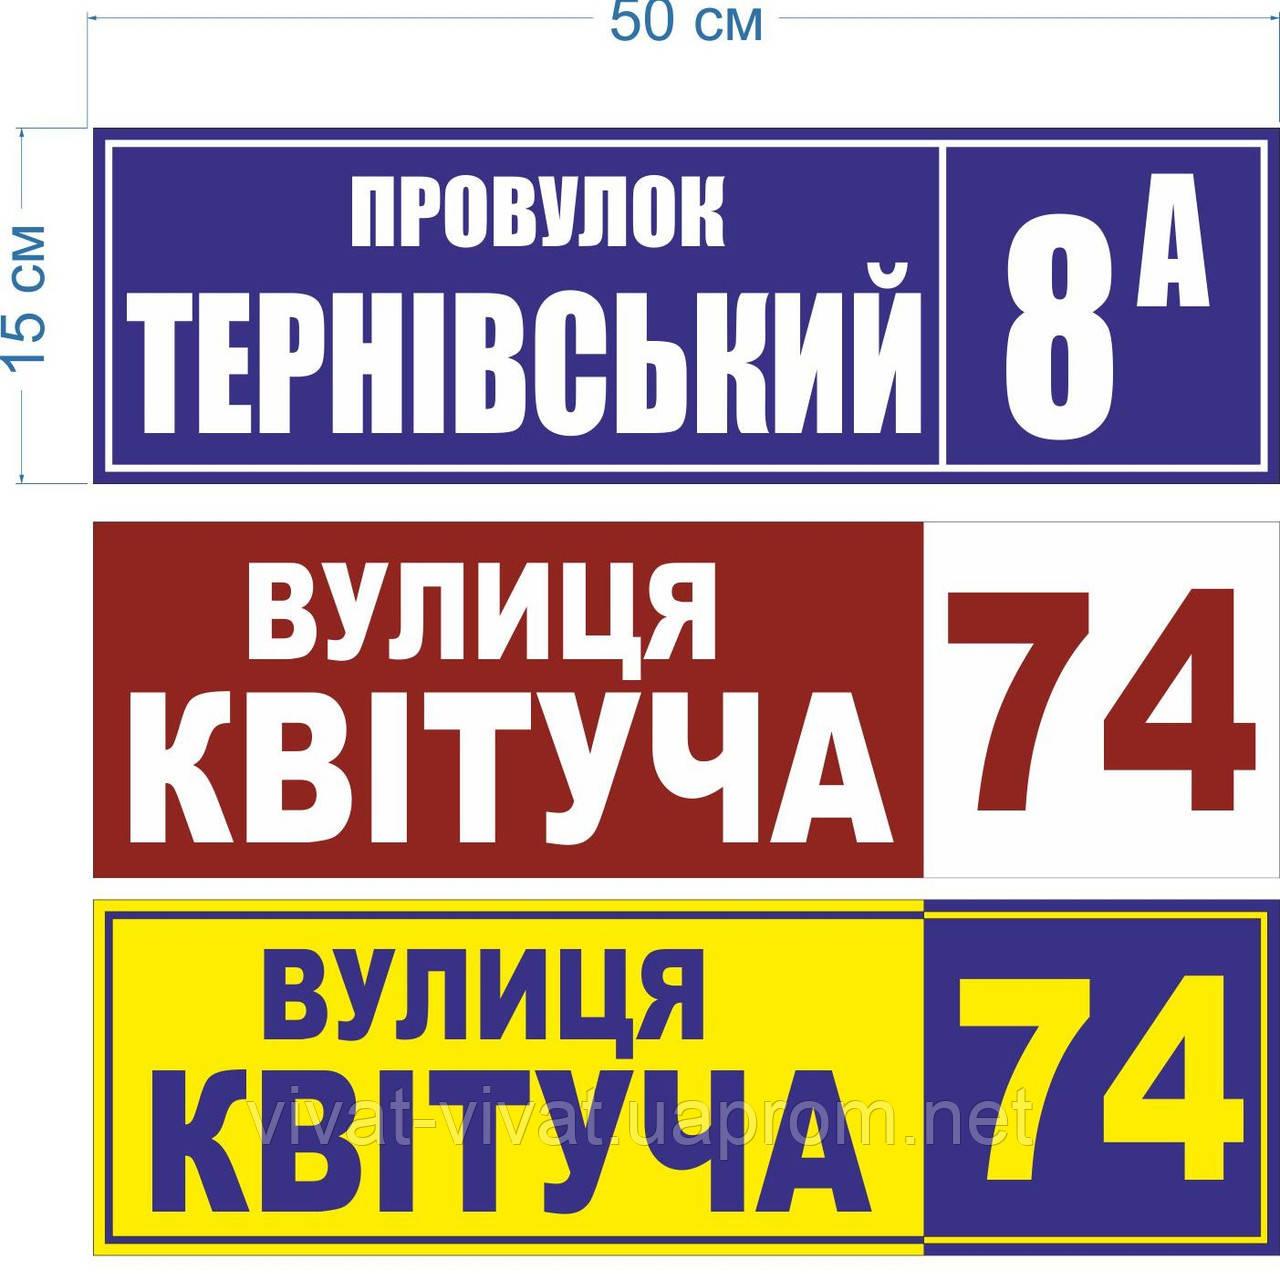 Адресный указатель, номер дома. - Виват в Харькове